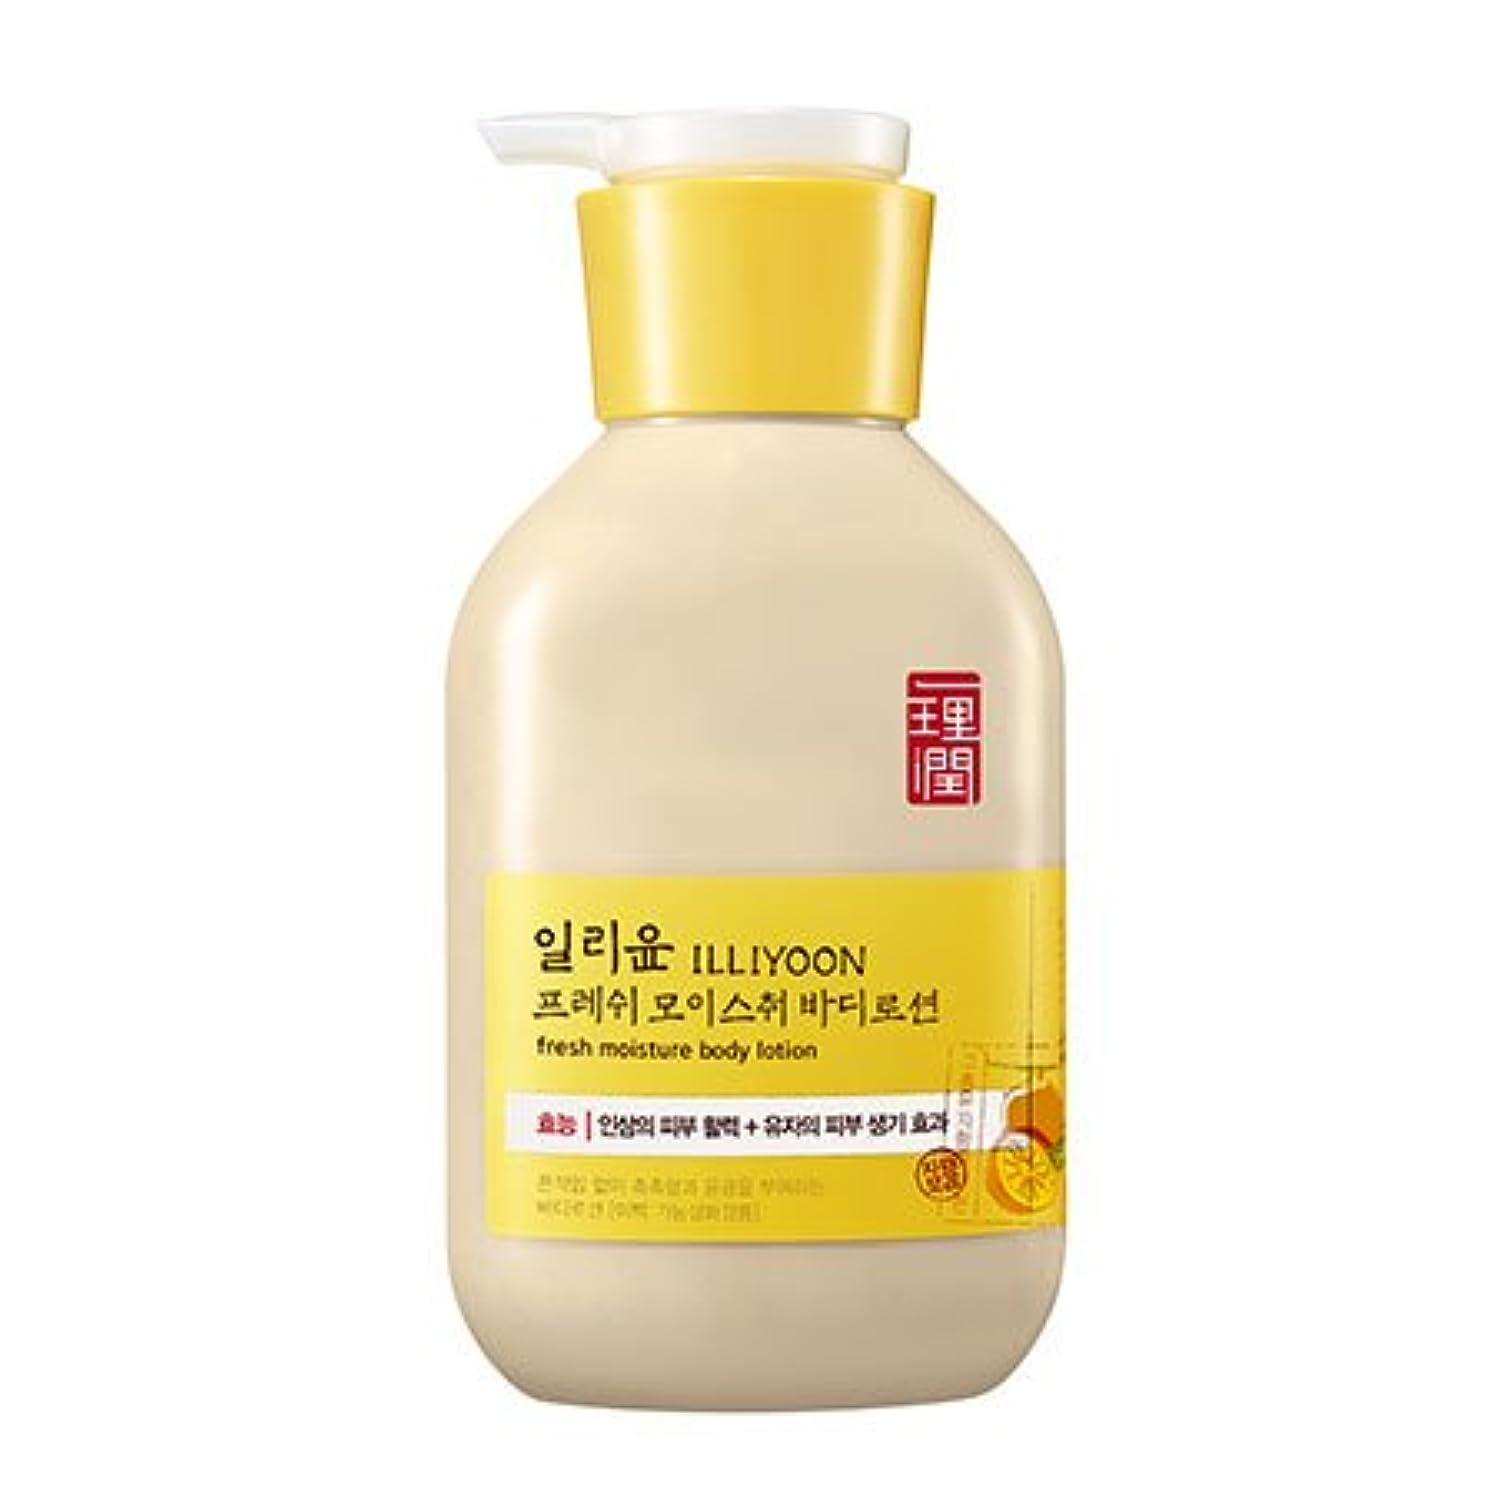 証言スチュワーデス活性化ILLIYOON Fresh Moisture Body Lotion 350ml/イリーユン [アモーレパシフィック] フレッシュモイスチャー ボディローション [並行輸入品]